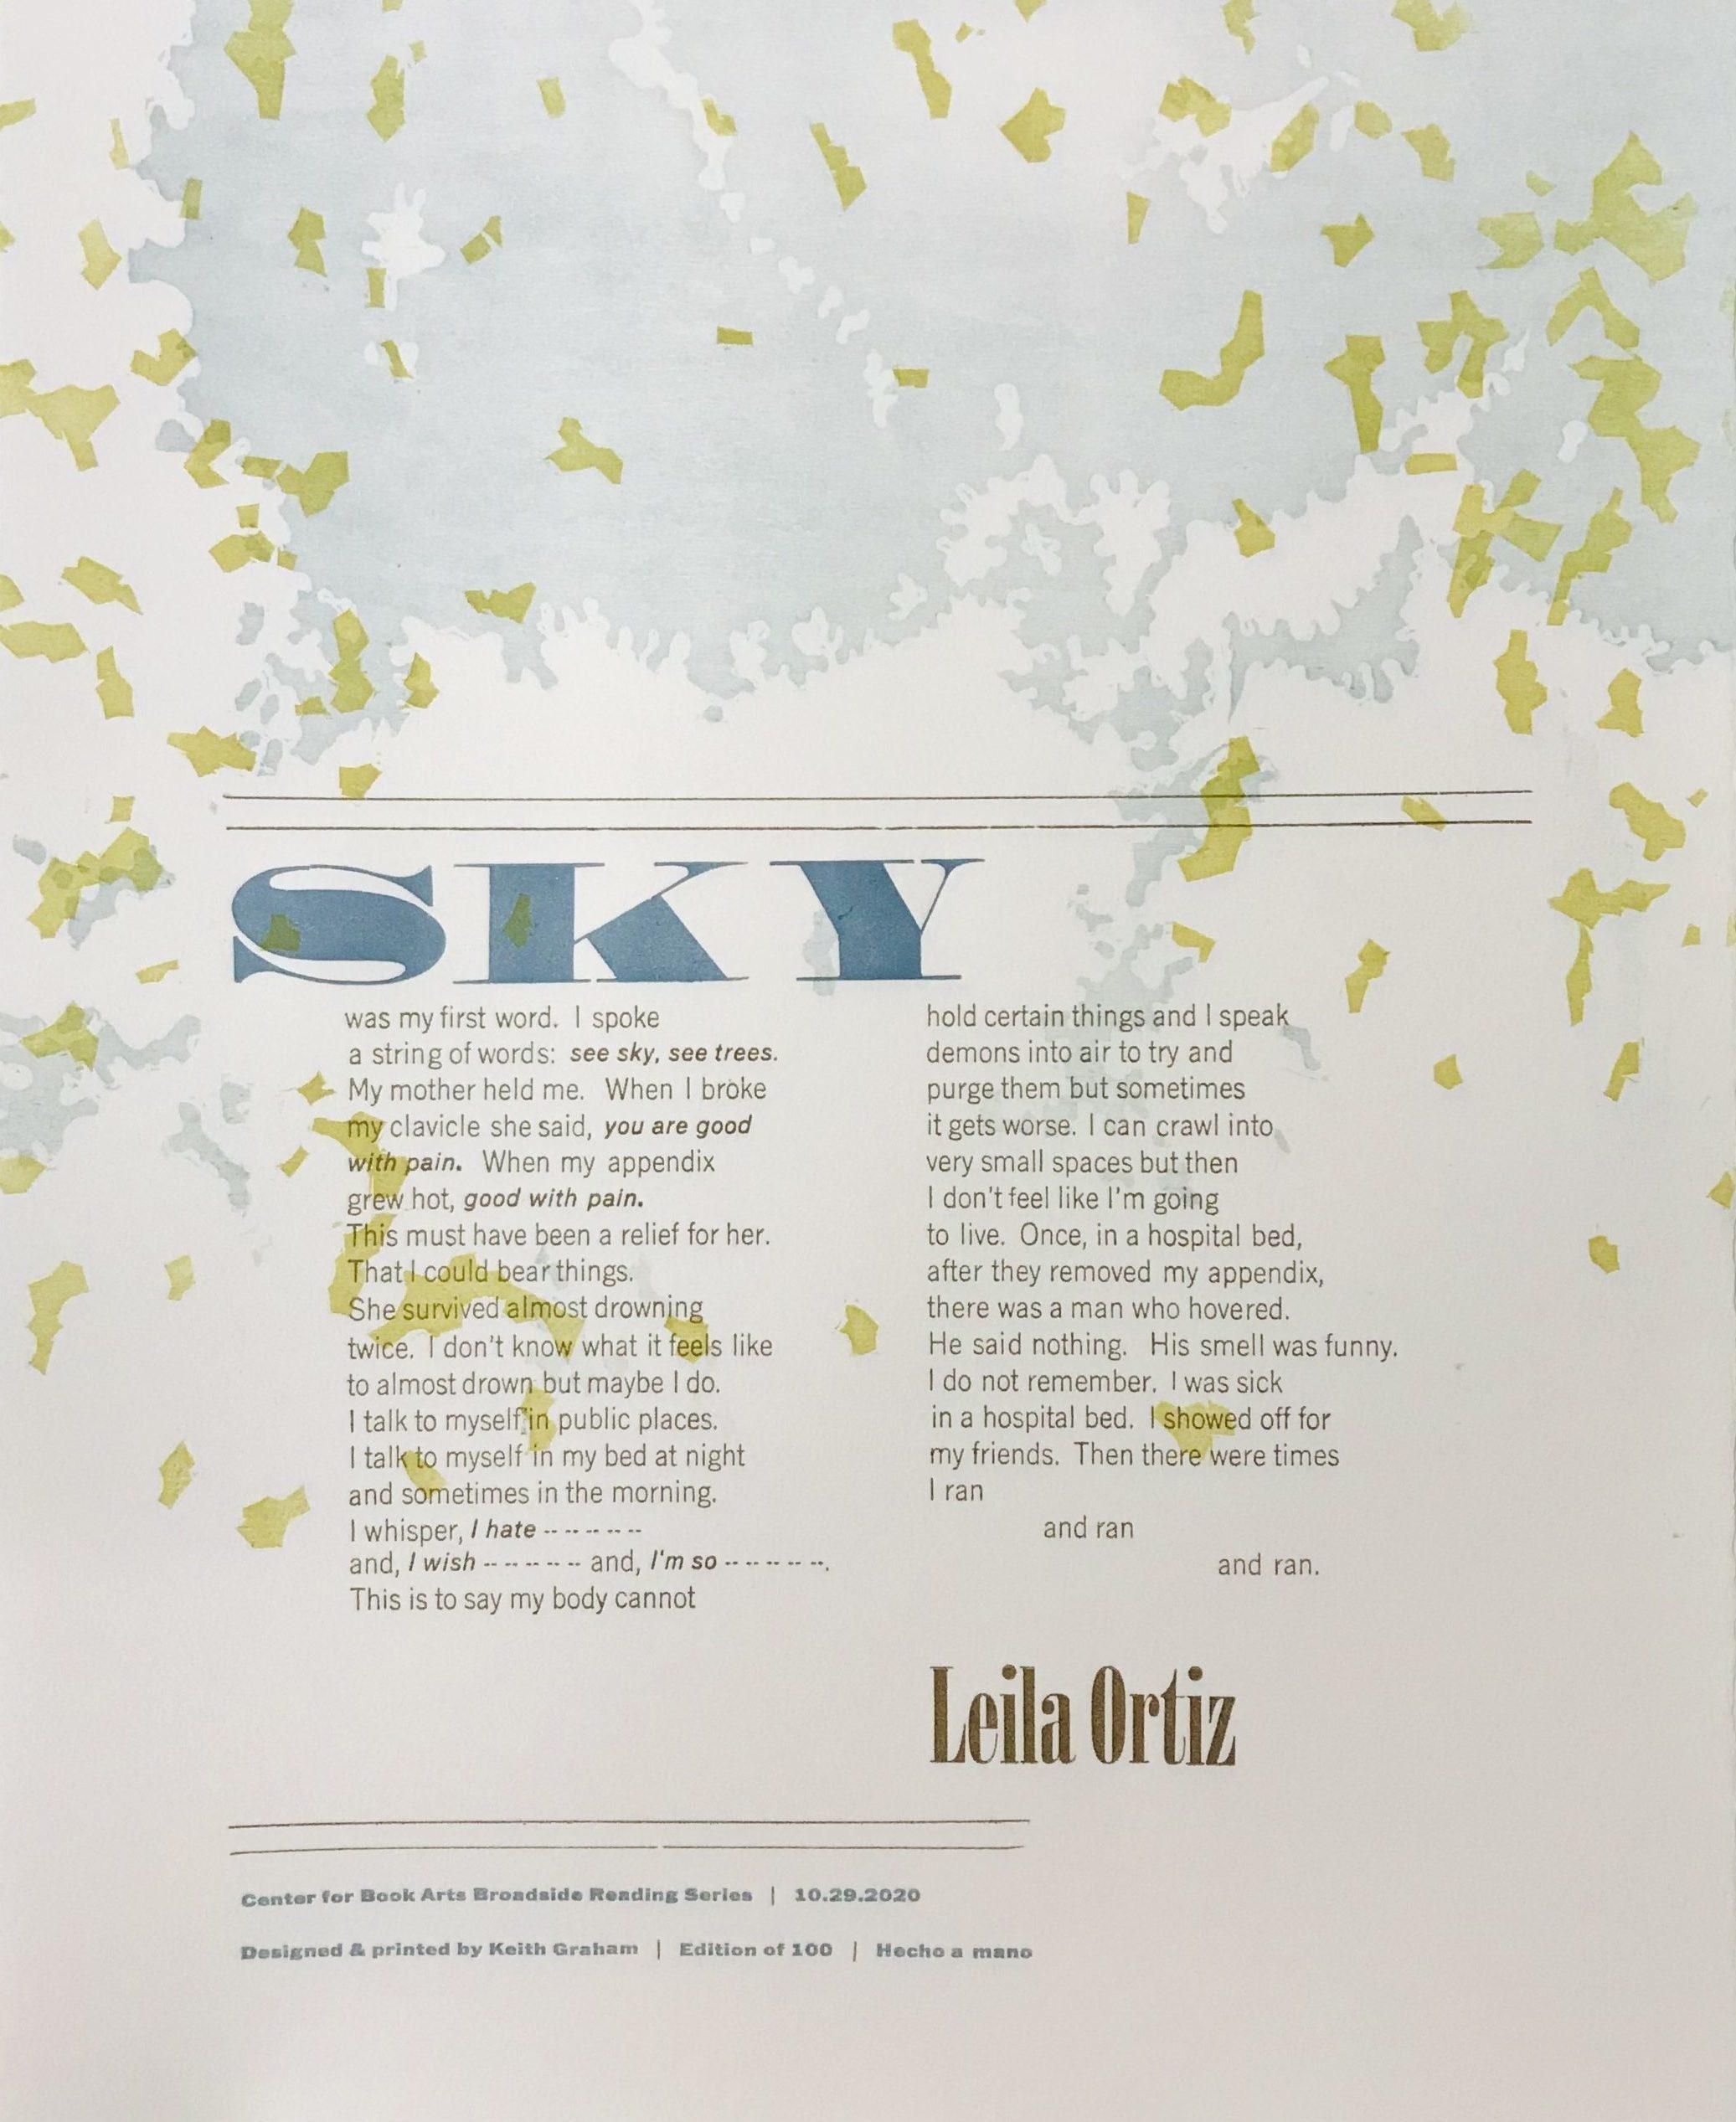 Sky by Leila Ortiz